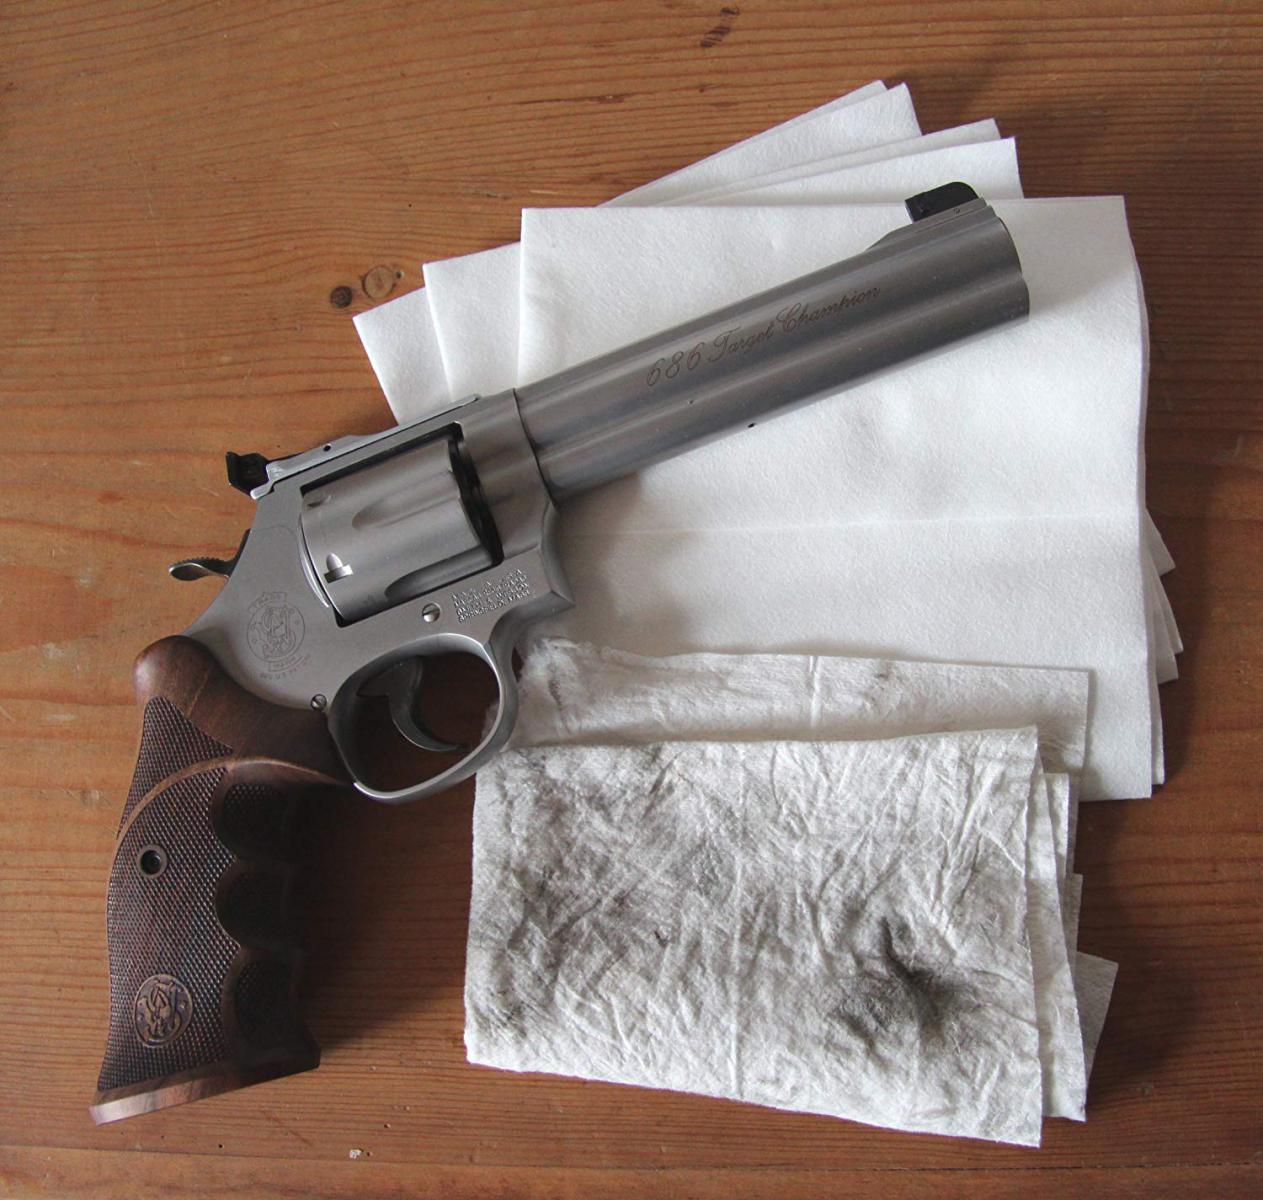 N//X Youwise Waffenreinigungsset Waffen Reinigungsset Waffenpflege Pistole Gewehr Waffenpflege f/ür Flinte Gewehr Pistole Luftpistole universal 26 TLG